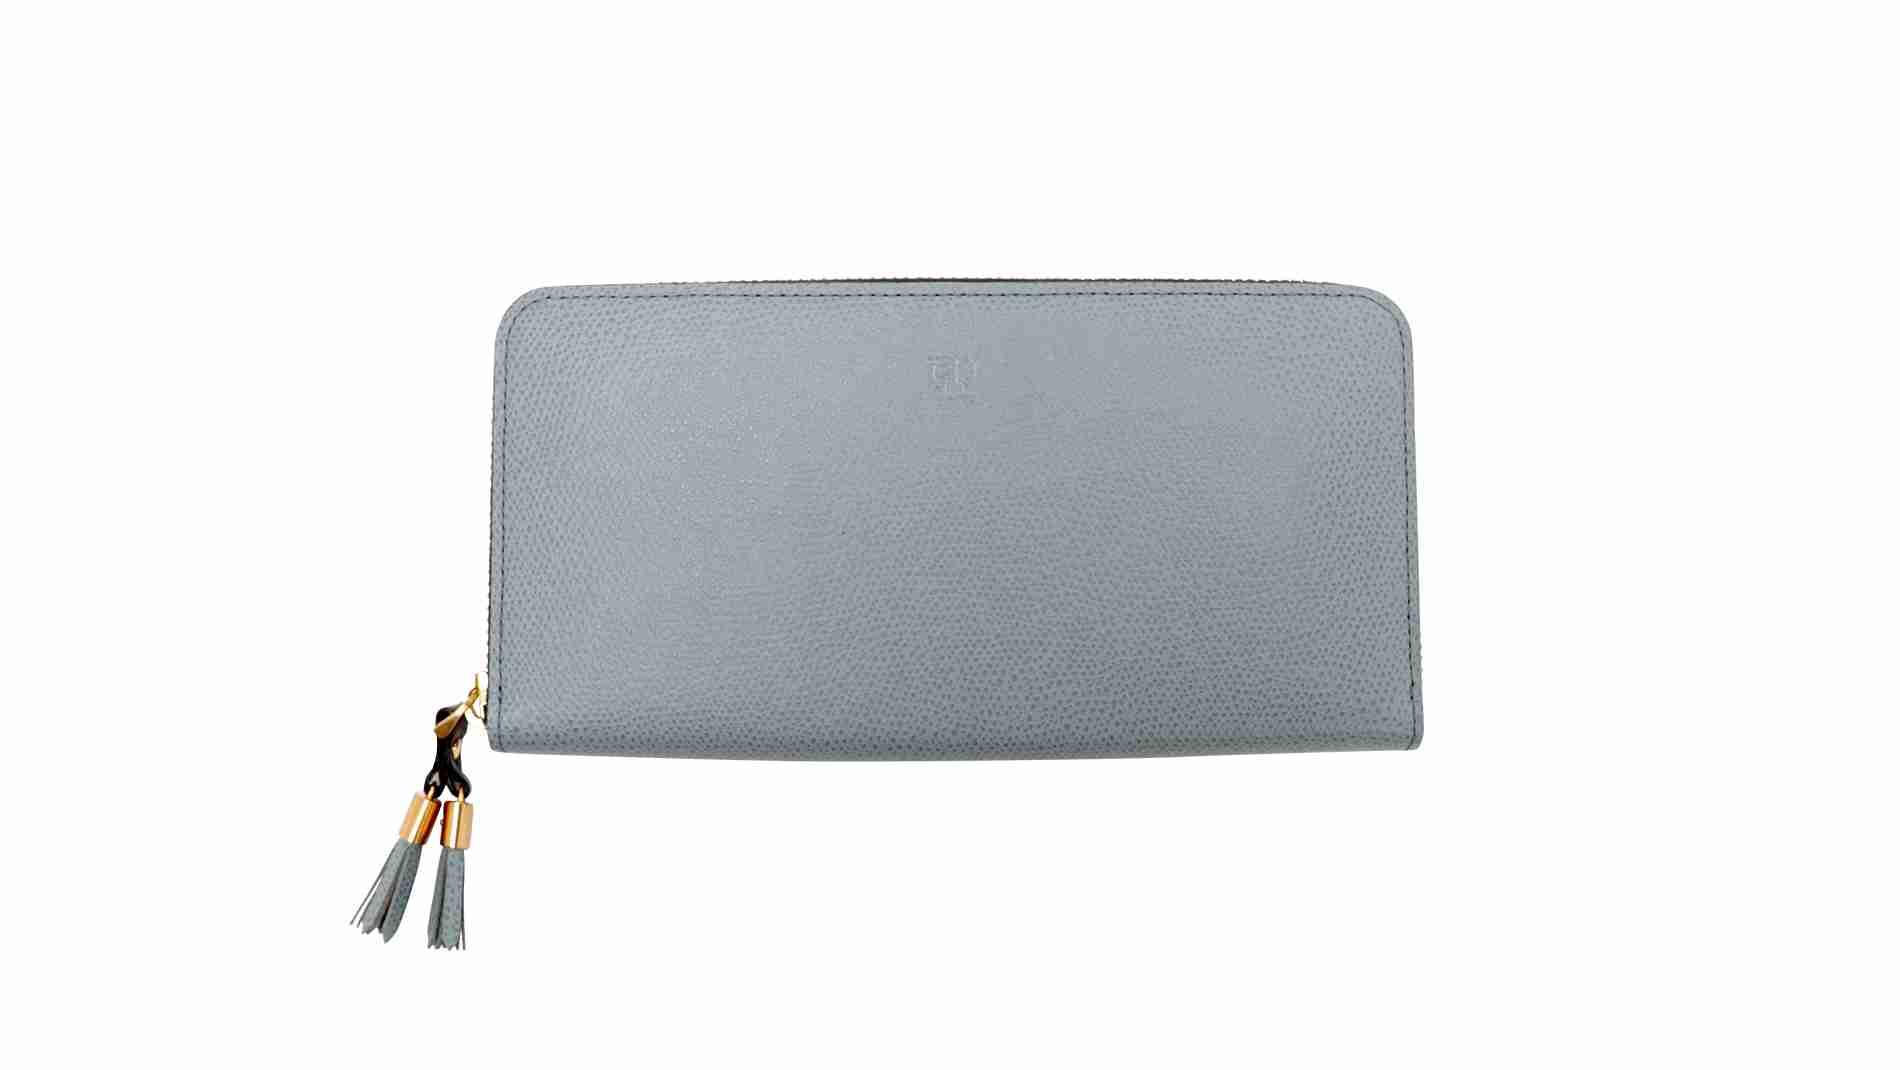 シキ ラウンドファスナー長財布 うすはな|上質な革素材を用いたレディース財布・小物(Epoi)